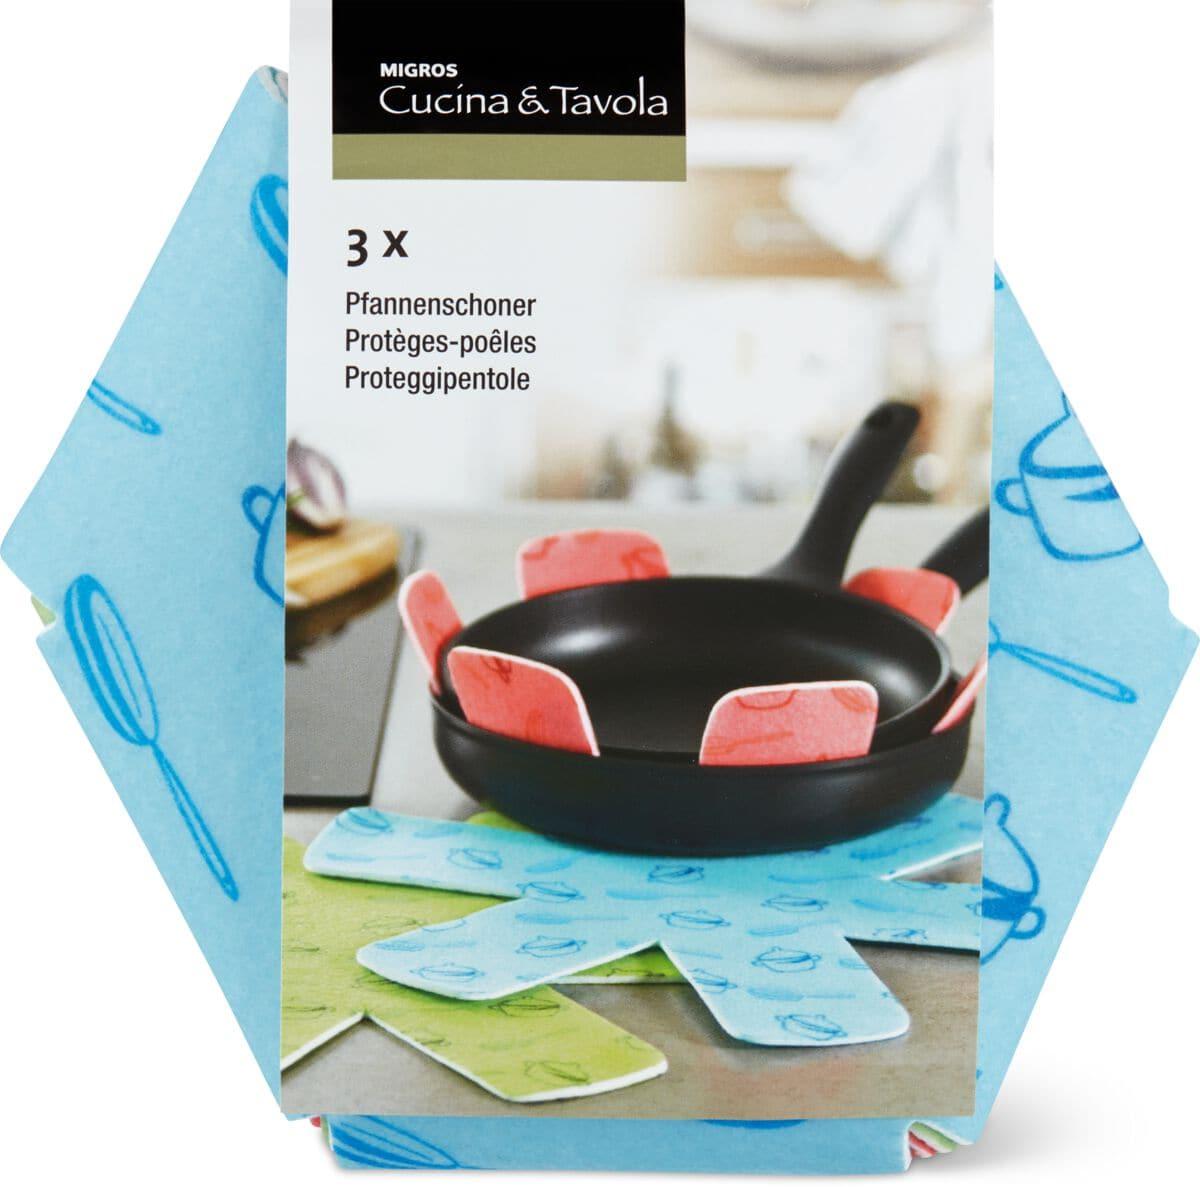 Cucina & Tavola Protèges-poêles 3 pièces